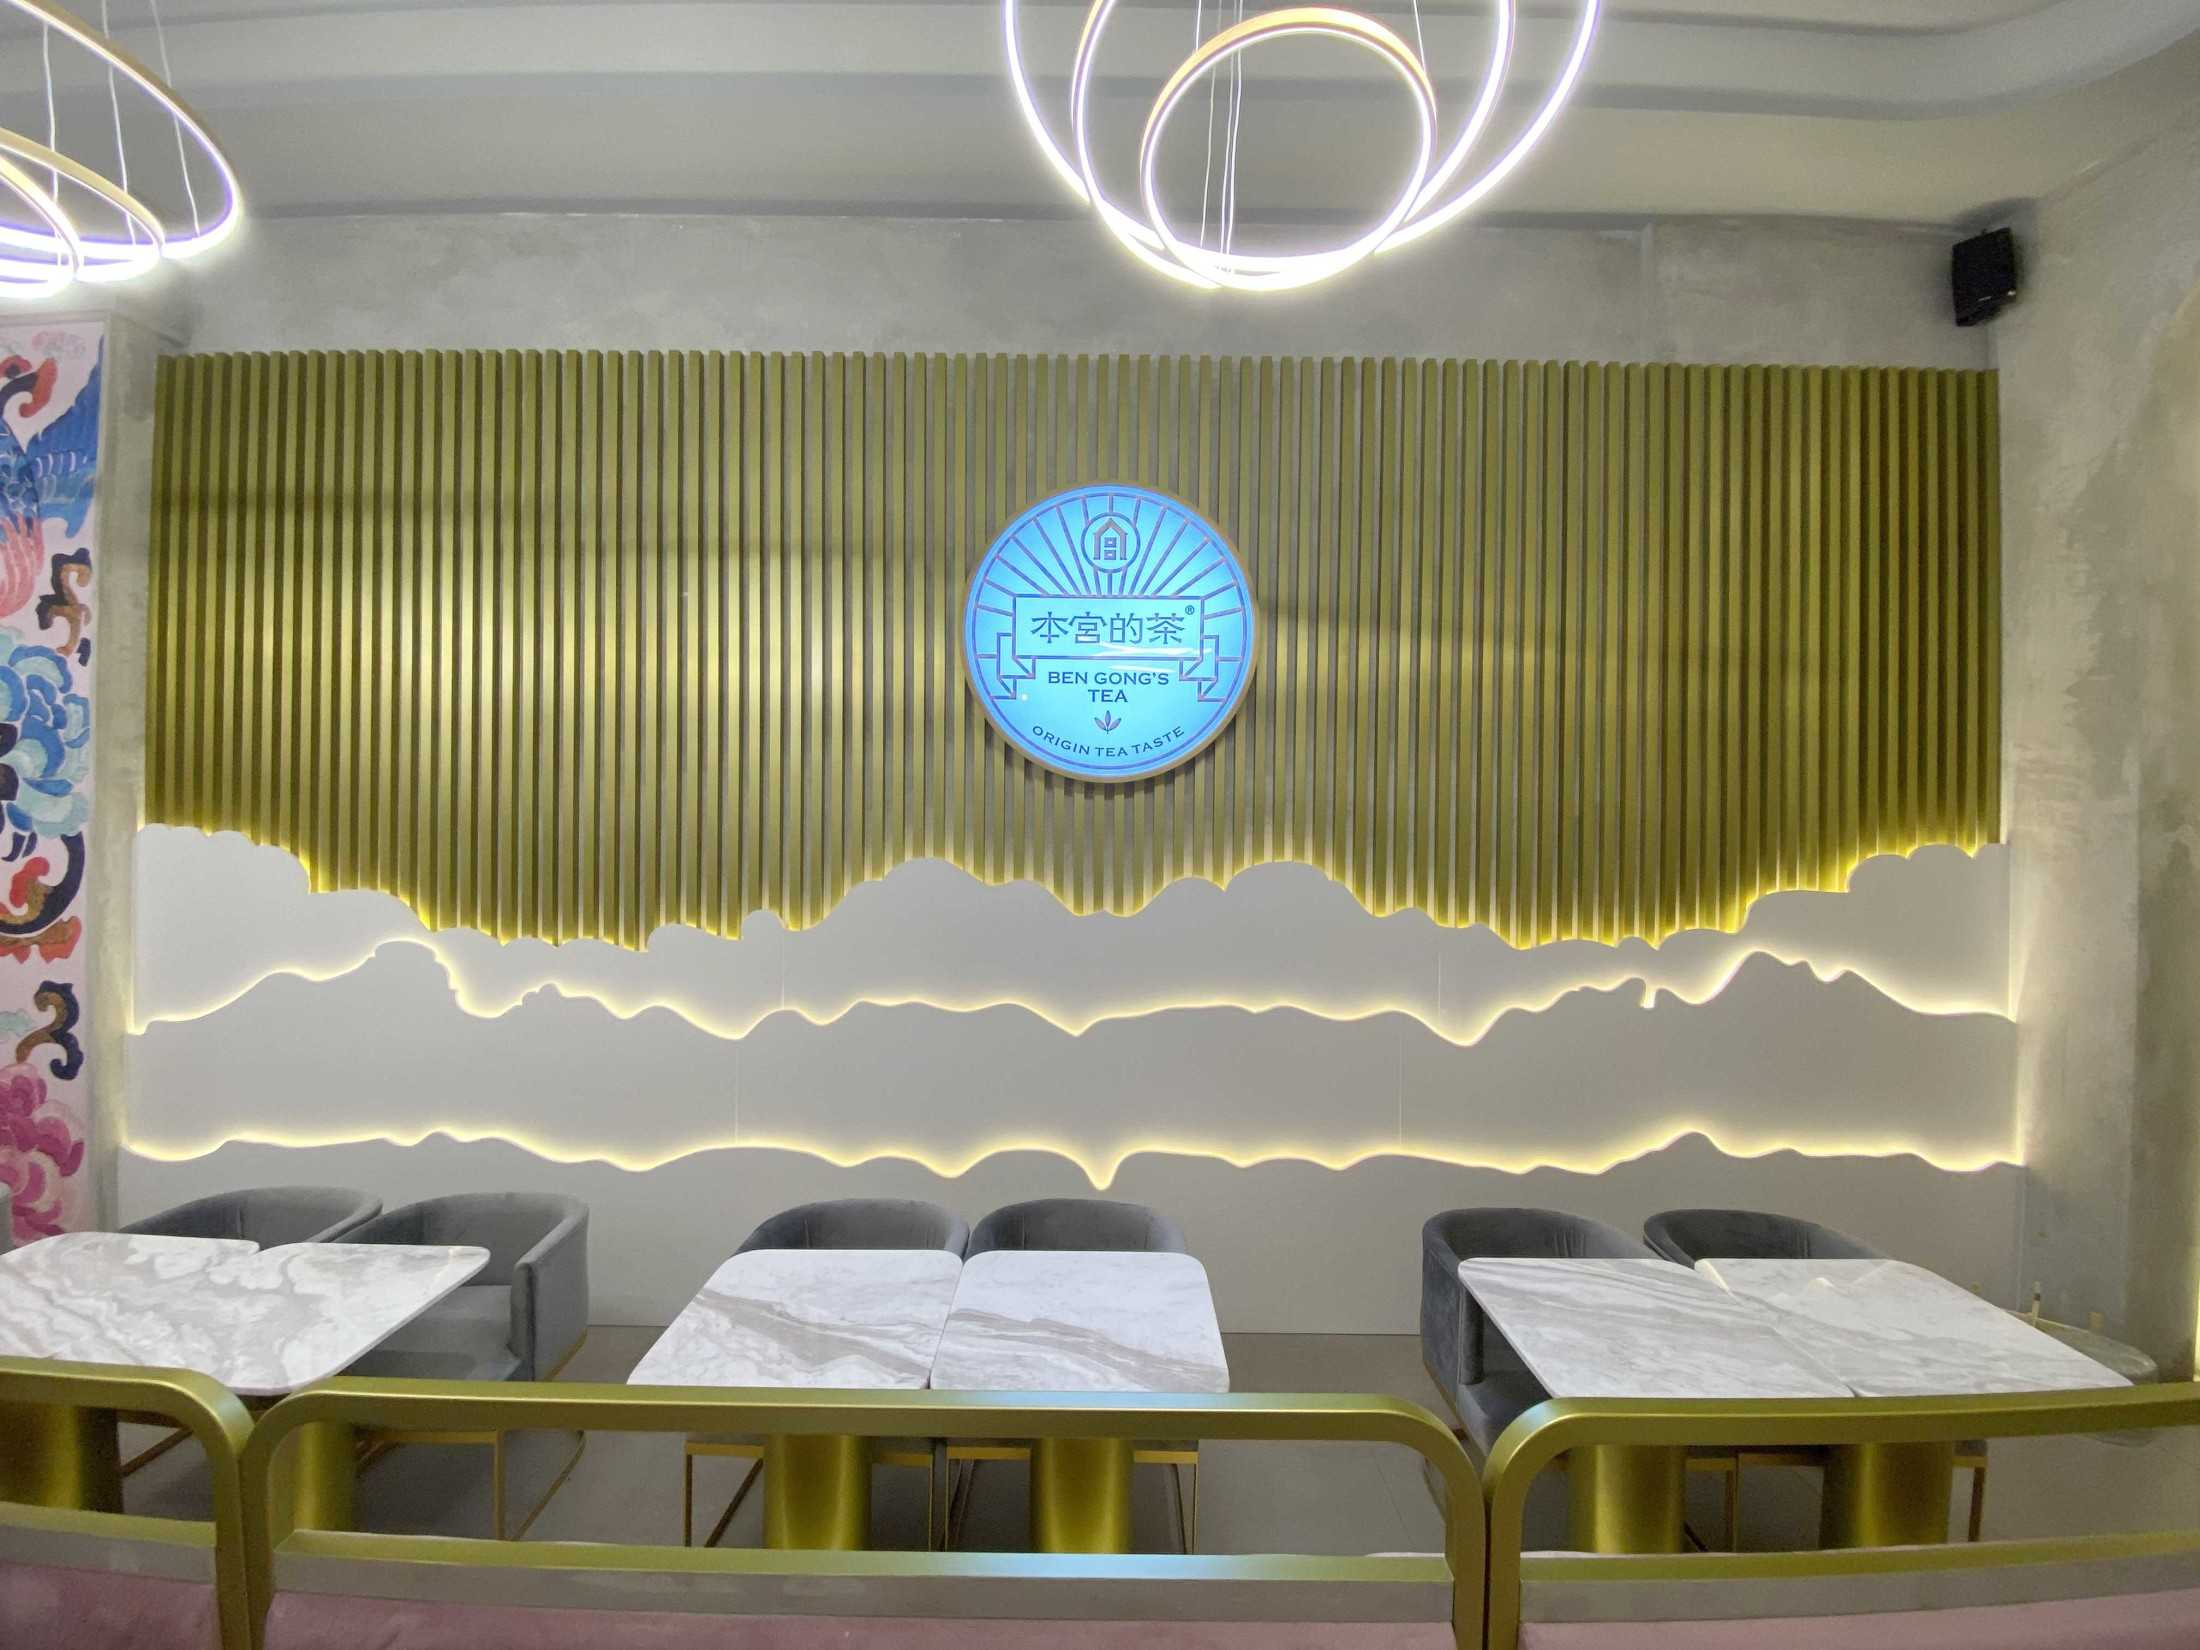 7Design Architect Ben Gong's Tea Karawaci Kec. Karawaci, Kota Tangerang, Banten, Indonesia Kec. Karawaci, Kota Tangerang, Banten, Indonesia 7Design-Architect-Ben-Gongs-Tea-Karawaci  117954